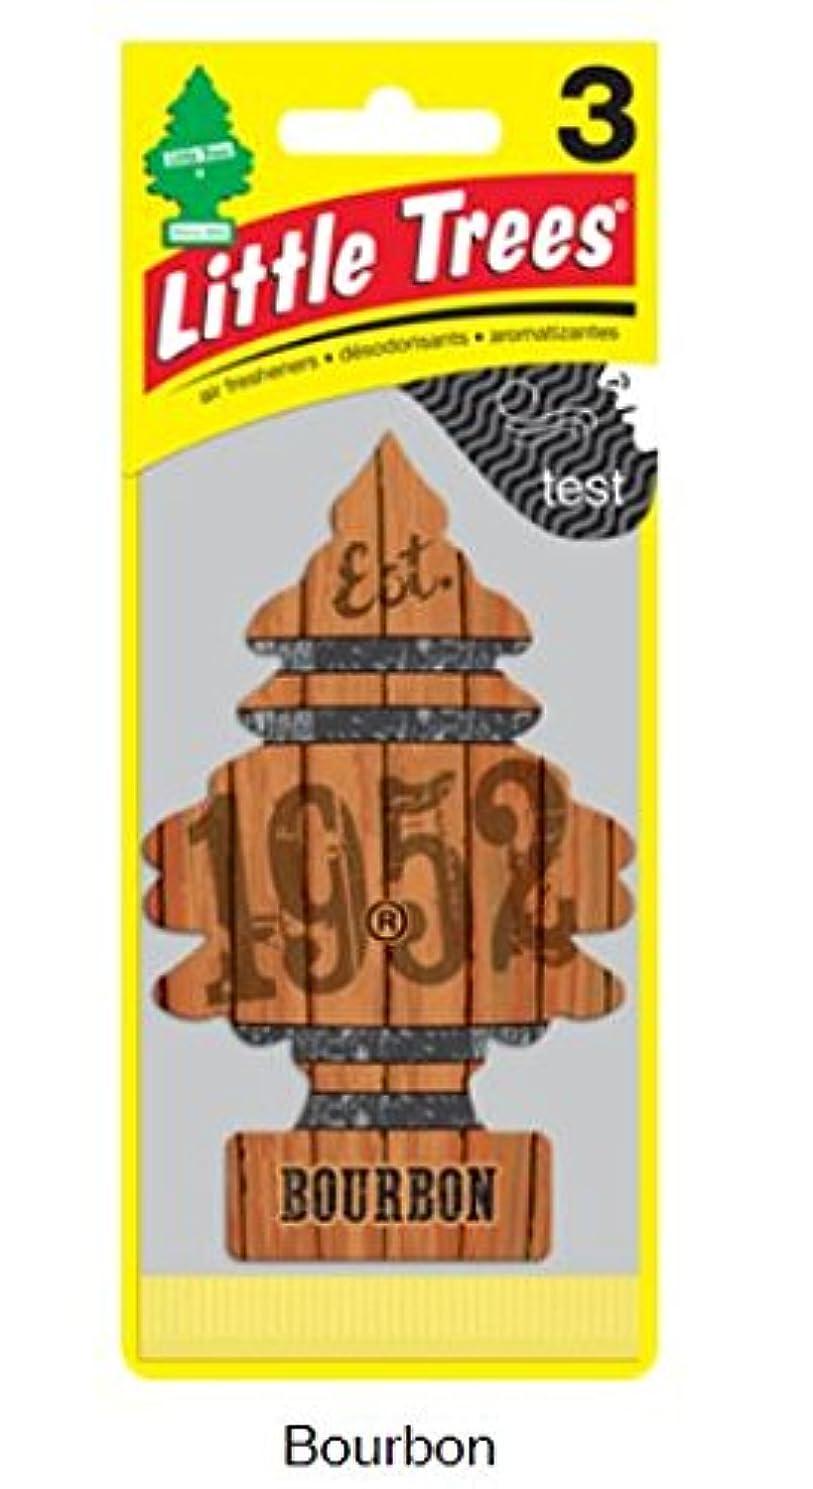 魅力的クリープオーストラリアLittle Trees 吊下げタイプ エアーフレッシュナー Bourbon 3枚セット(3P) U3S-32975